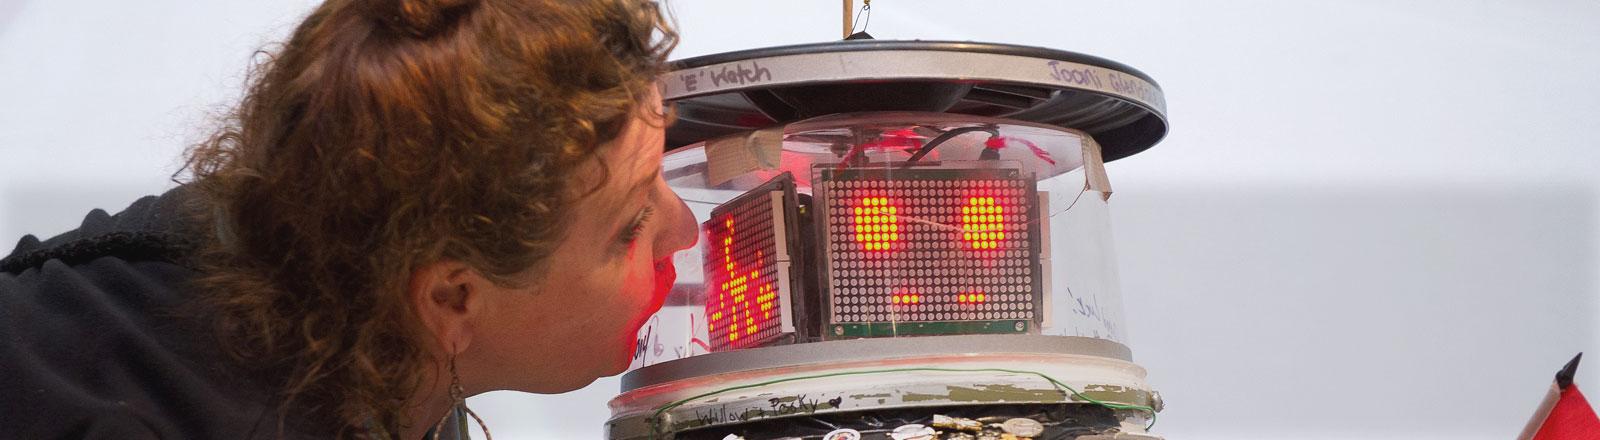 Eine Frau küsst den Roboter Hitchbot.